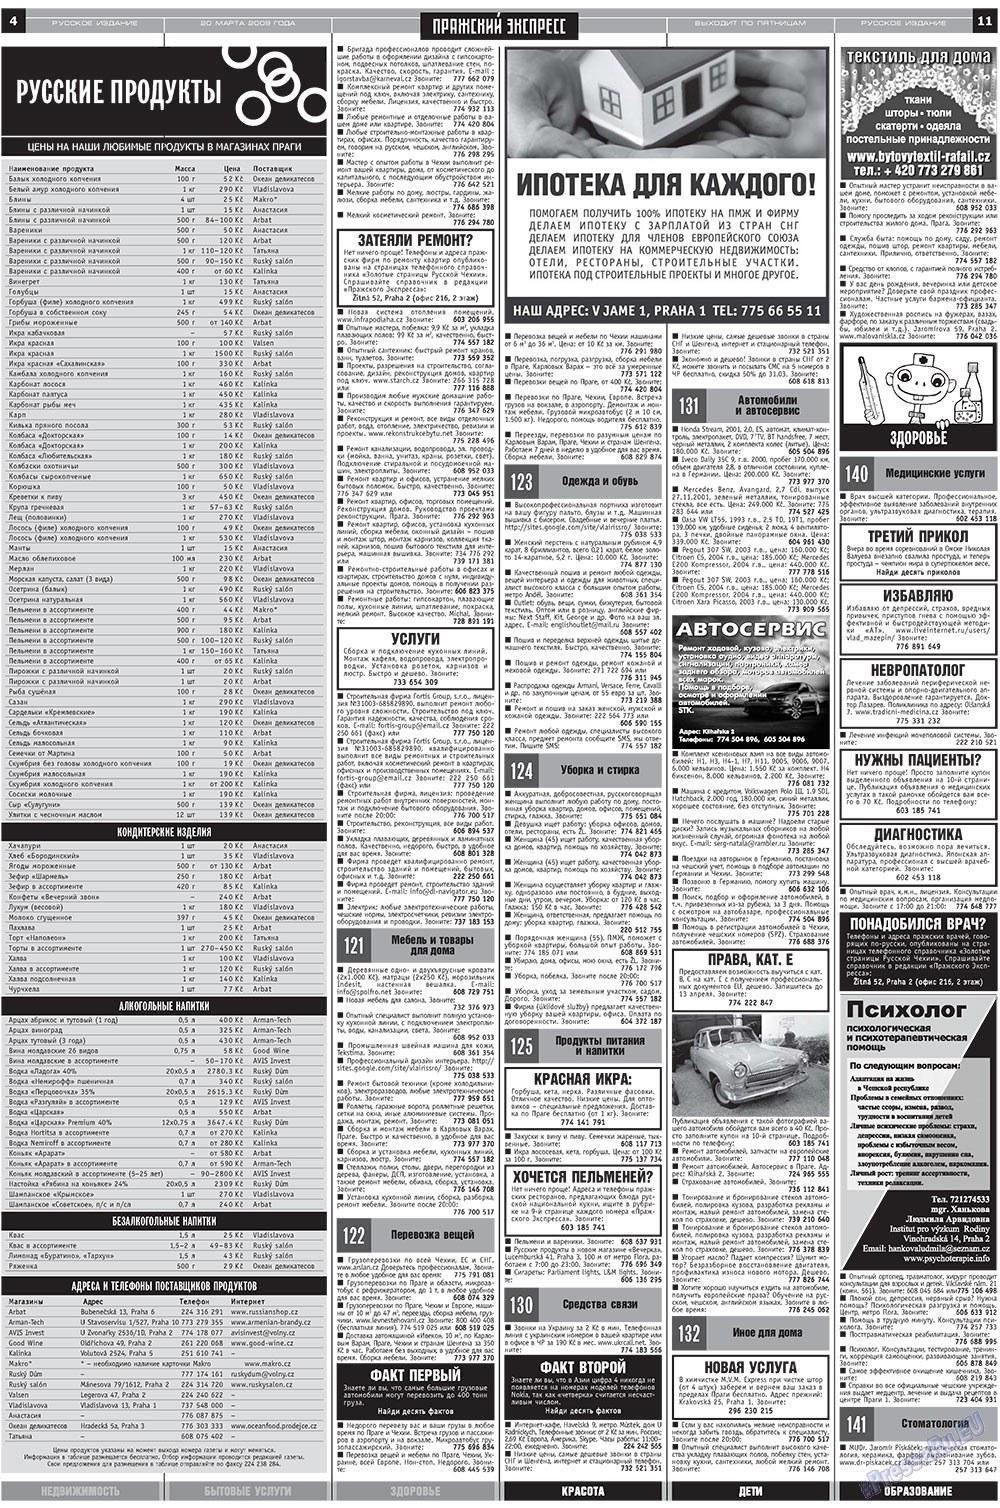 Пражский экспресс (газета). 2009 год, номер 11, стр. 4